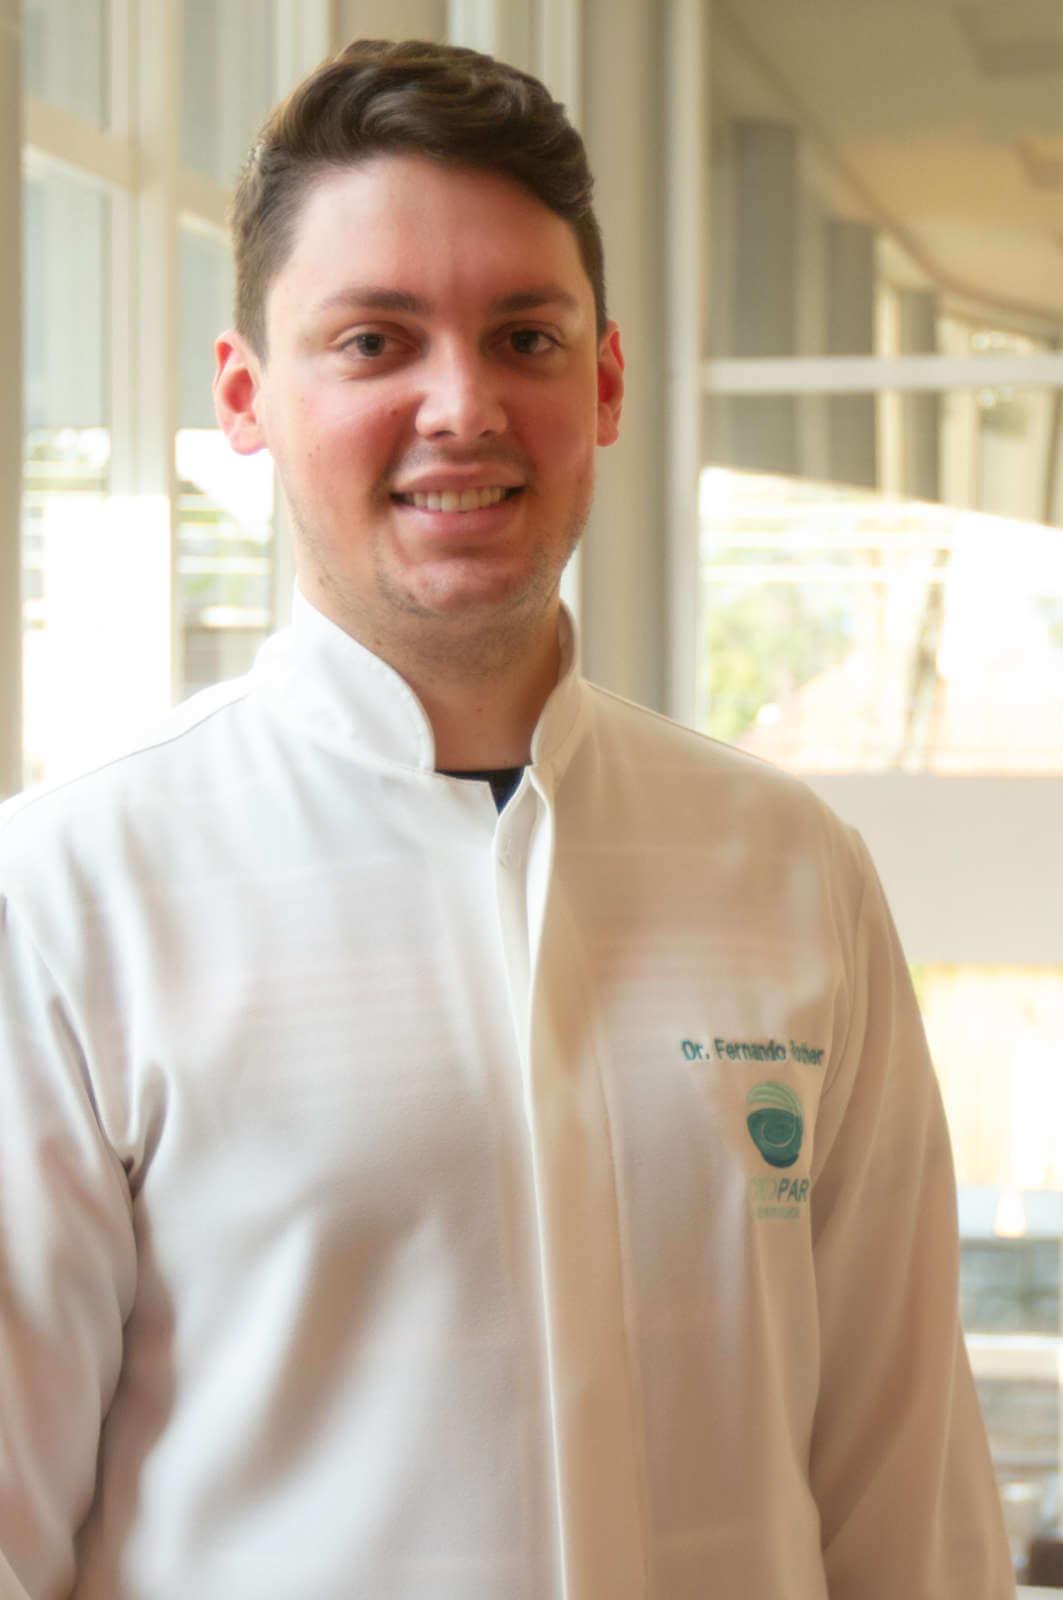 Dr. Fernando Almeida Rother